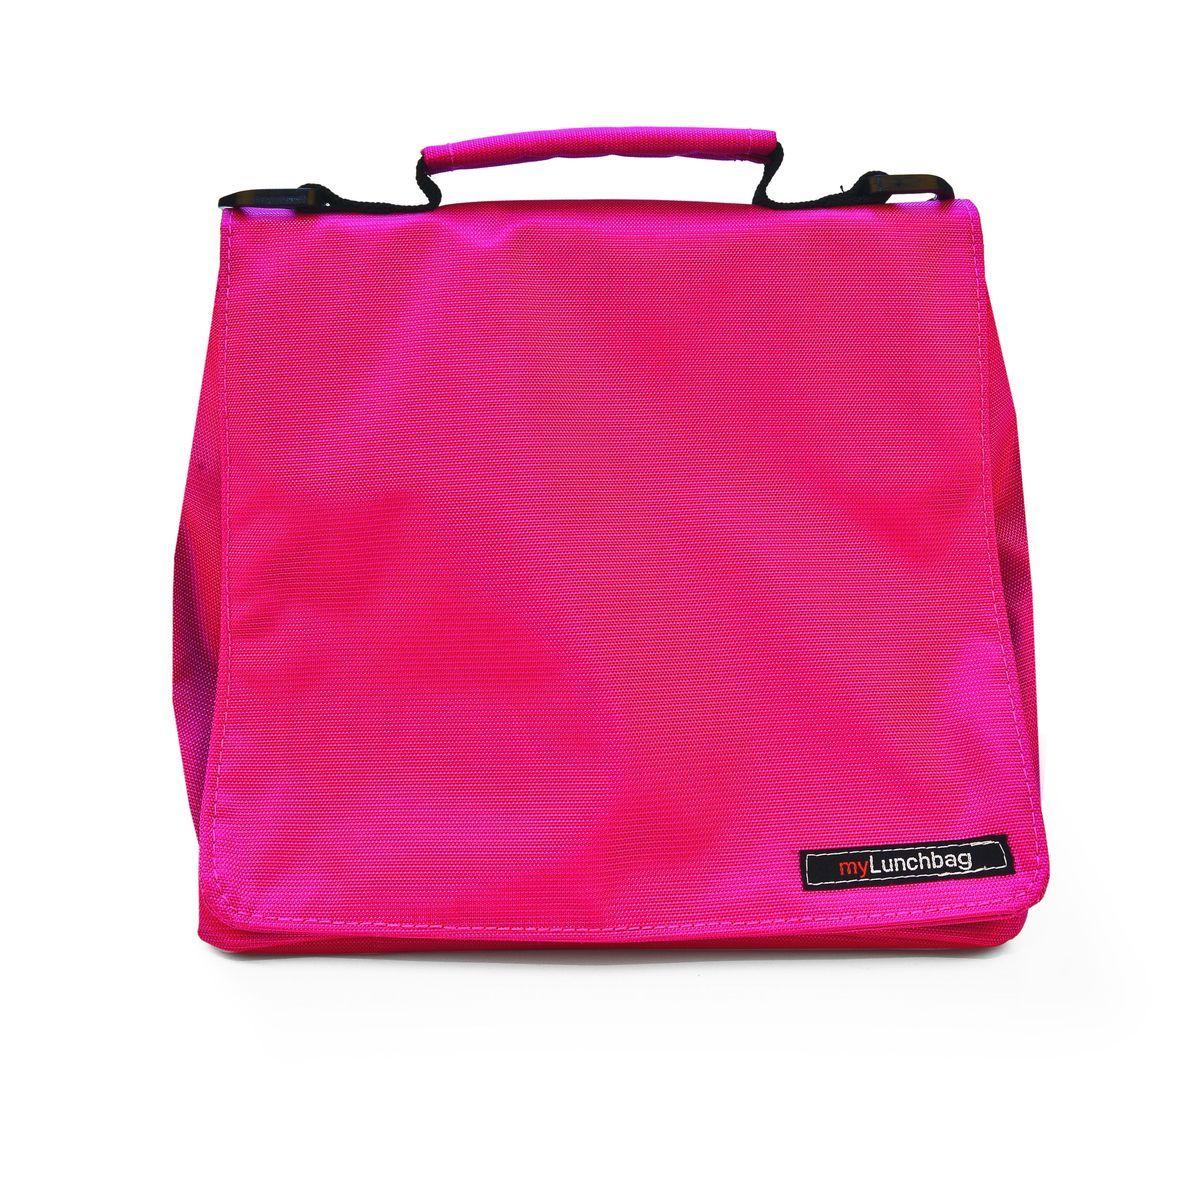 Термо ланч-бокс Iris SMART MyLunchbag, цвет: розовыйI9326-TXТермоЛанчбокс SMART MyLunchbag?. ?Отлично сохраняет свежесть и вкус продукта на несколько часов. Пригодится везде: на прогулке, на работе, учебе и т.д. С ним легко справится даже ребенок! Легко складывается до небольших размеров. Присутствует удобный кармашек для аксессуаров и регулируемый ремень для переноски (в одной руке или на плече). Рекомендуется регулярно стирать вручную в теплой воде с мылом. Сделан из полиэстера